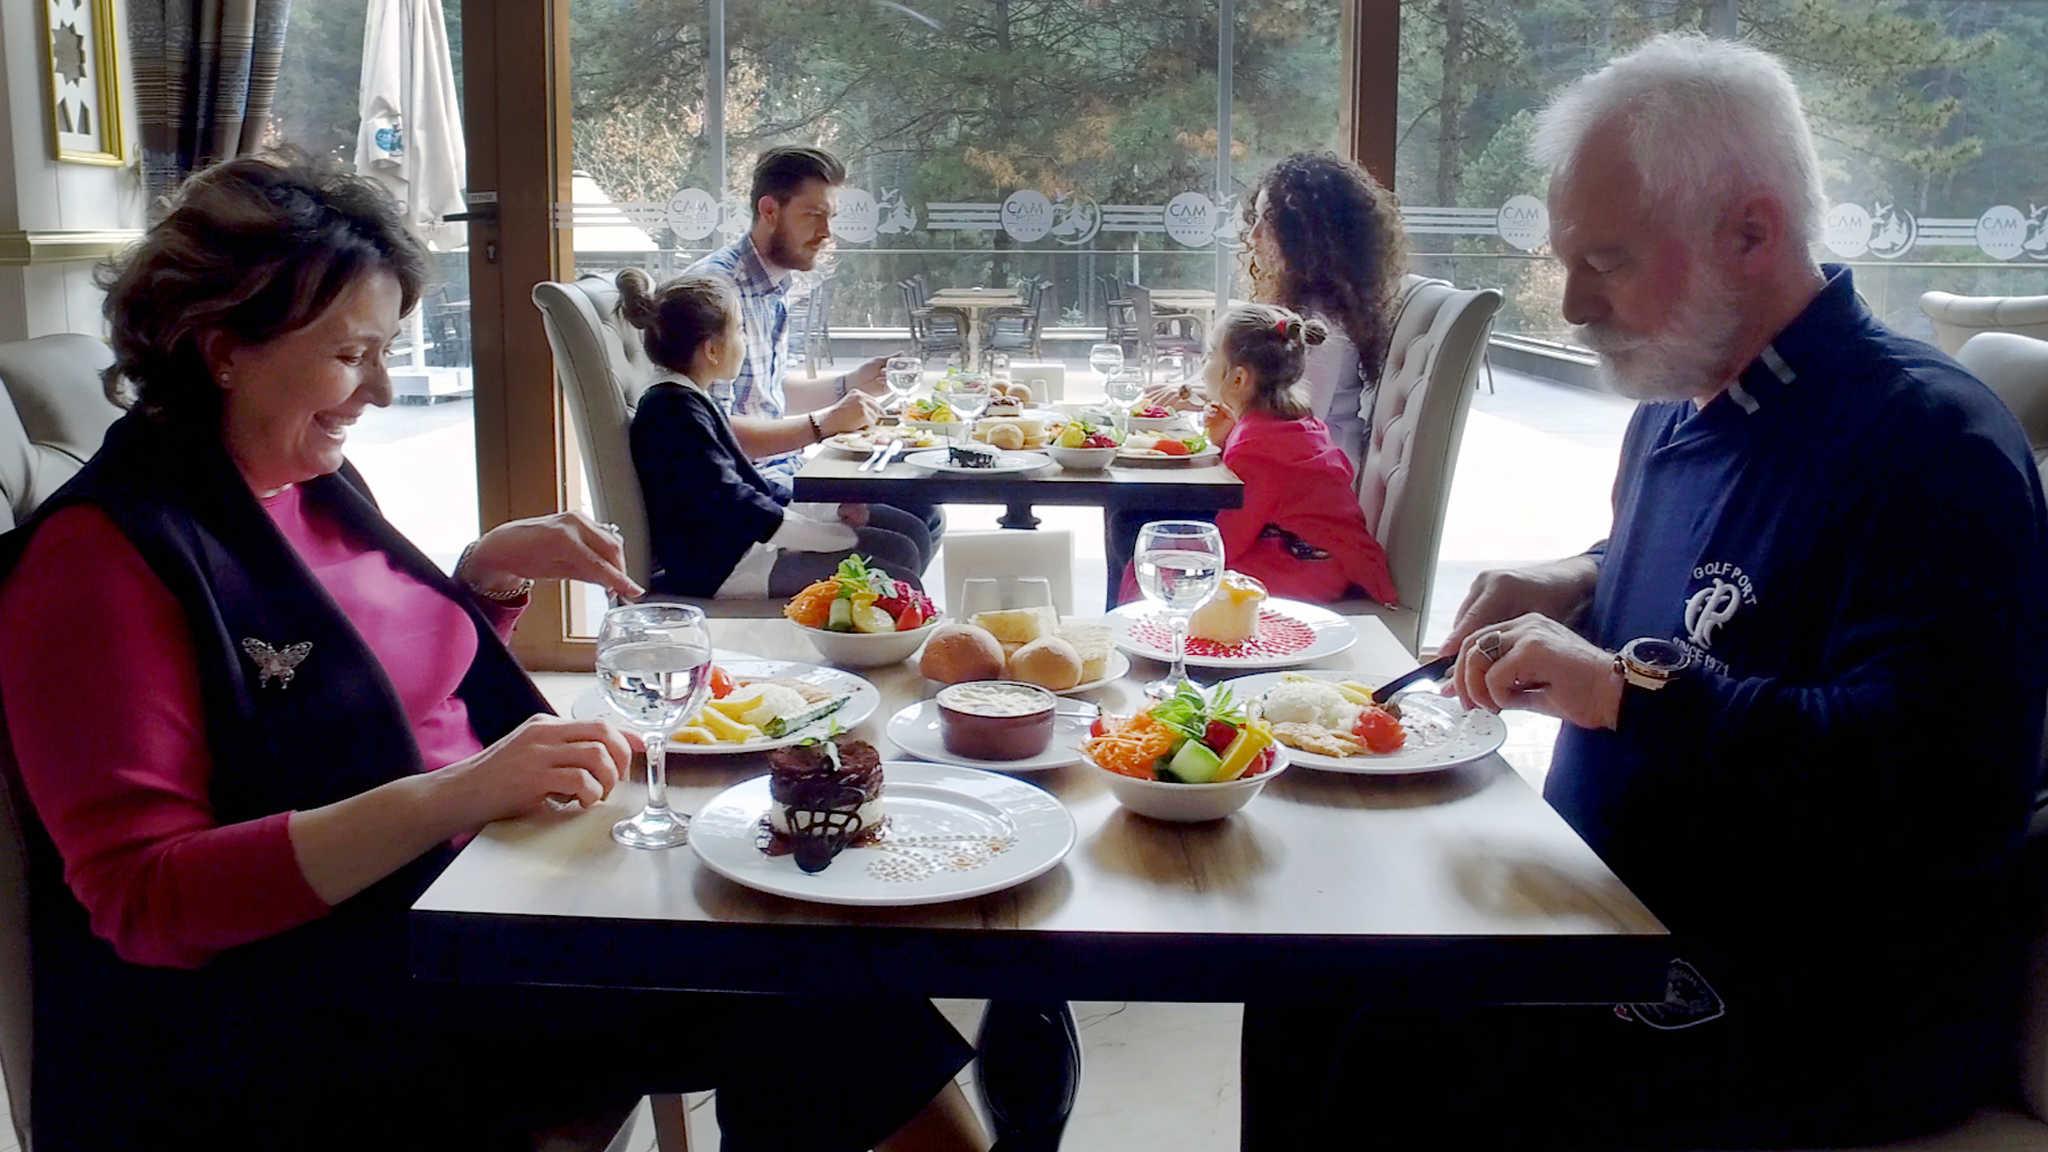 çam hotel restoranda kahvaltı yapan insanlar